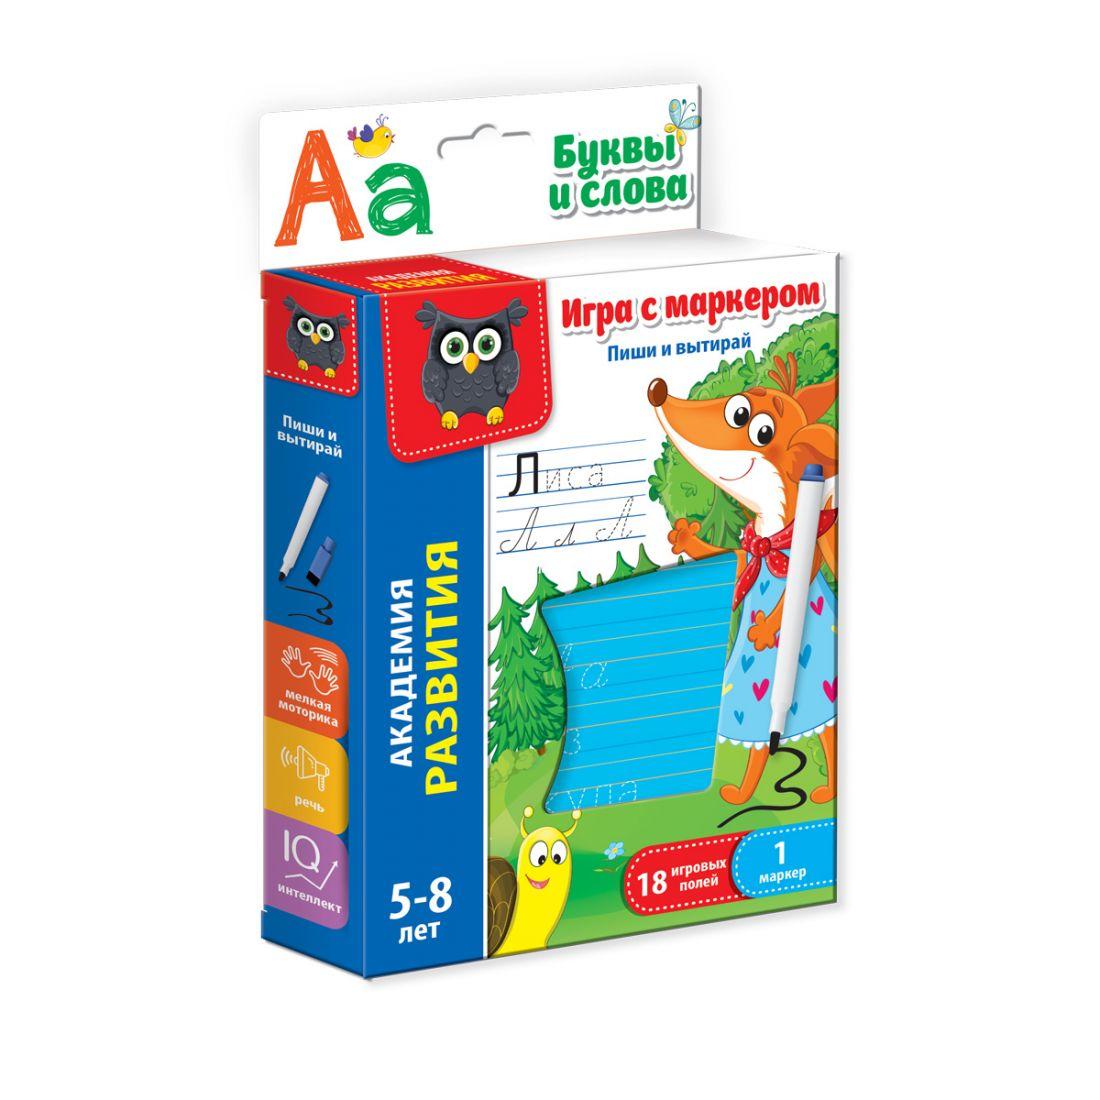 Обучающий набор VLADI TOYS VT5010-03 Буквы и слова